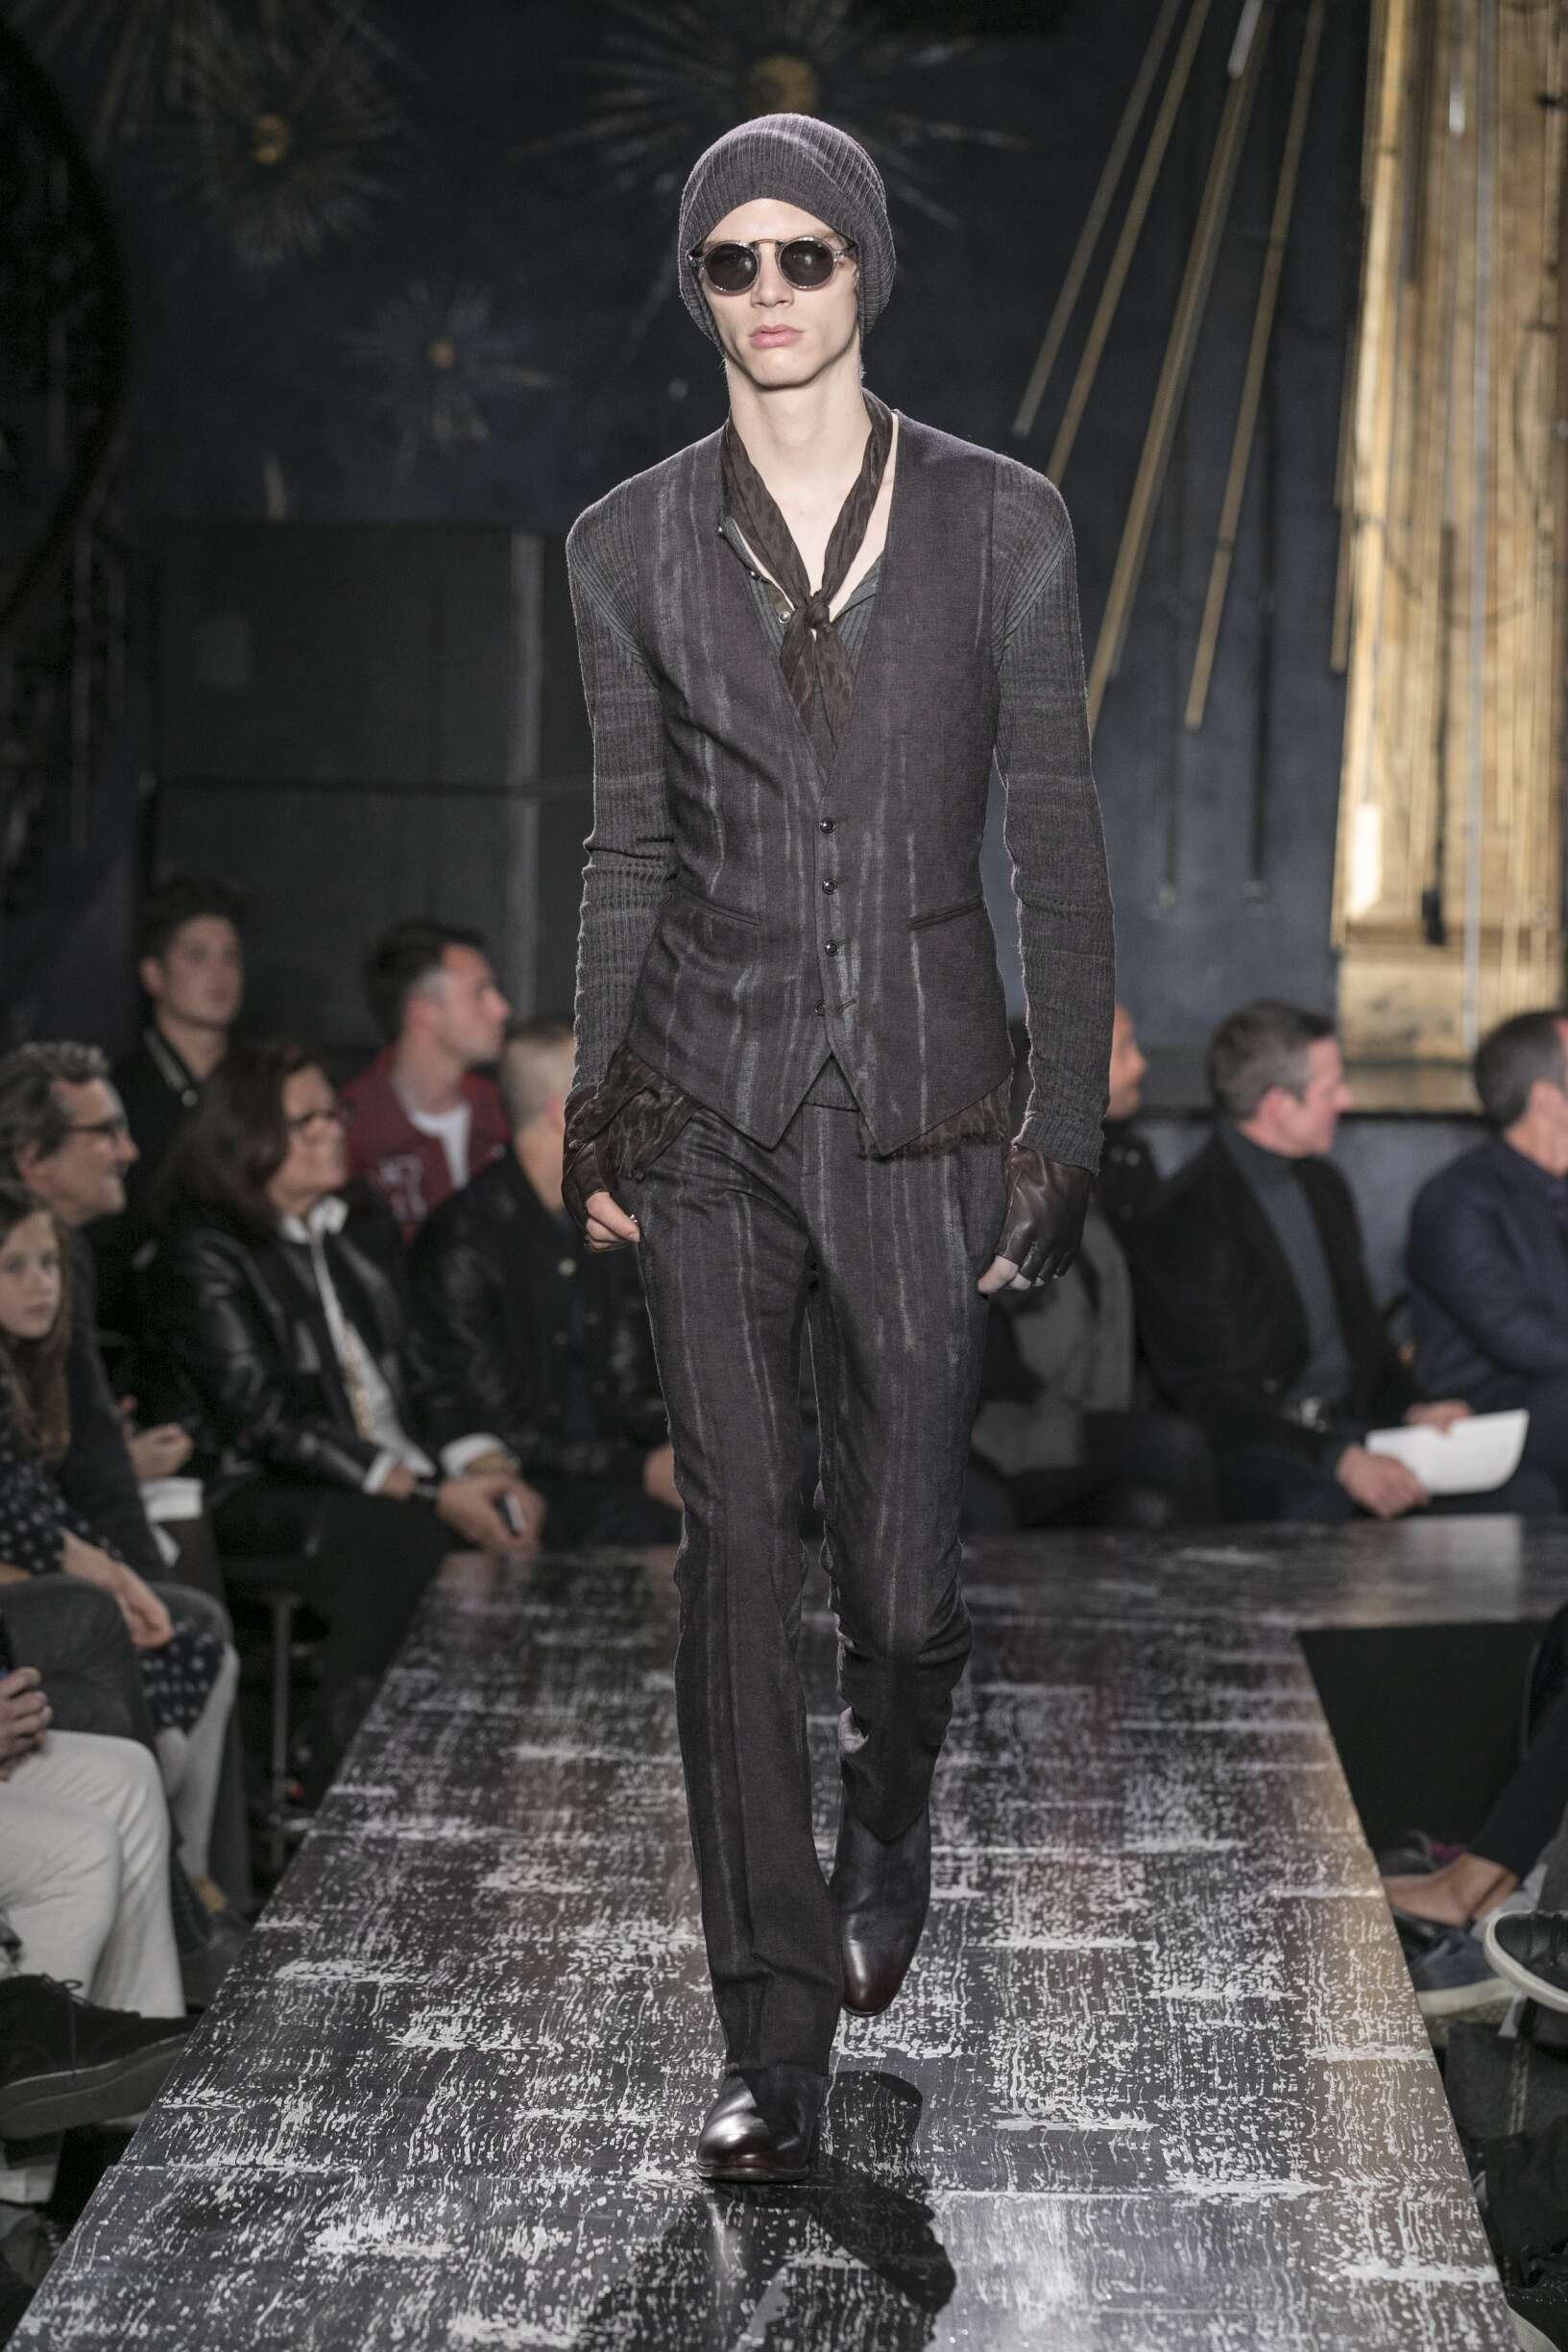 Fashion Man Model John Varvatos Catwalk